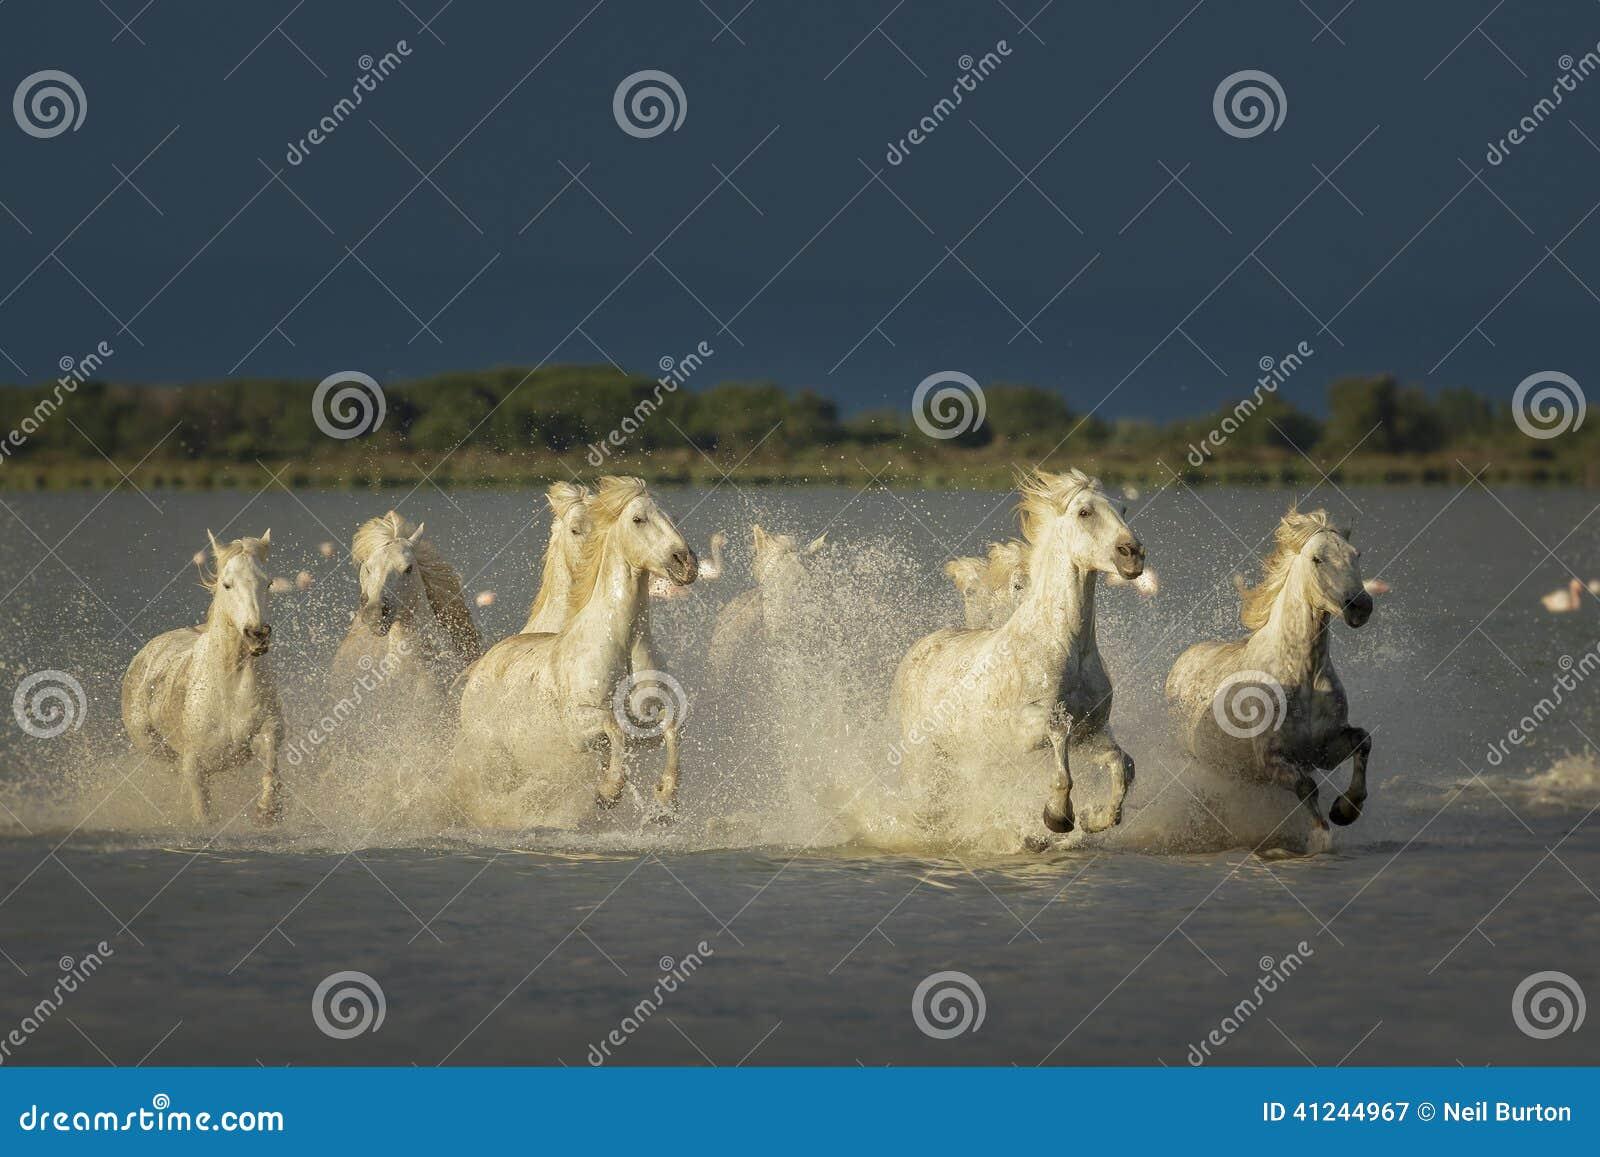 Camargue, wild horses